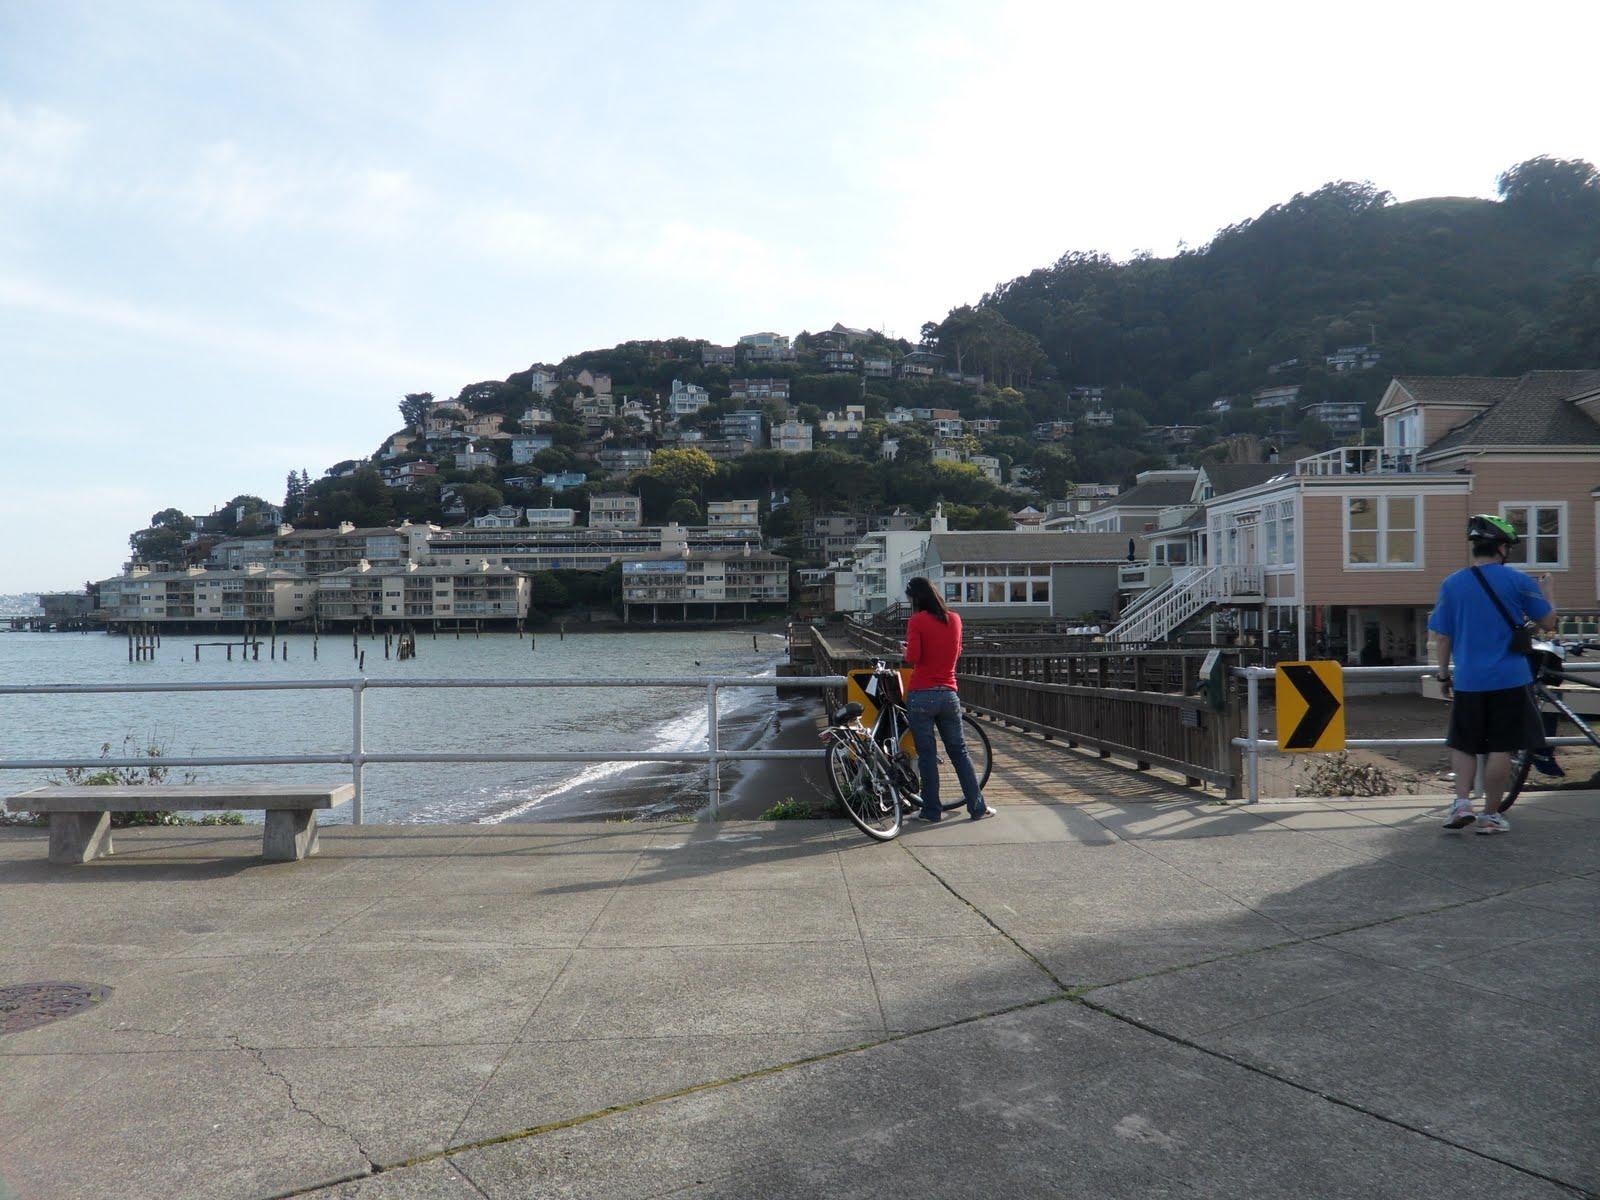 San Francisco Trails We Like To Bike